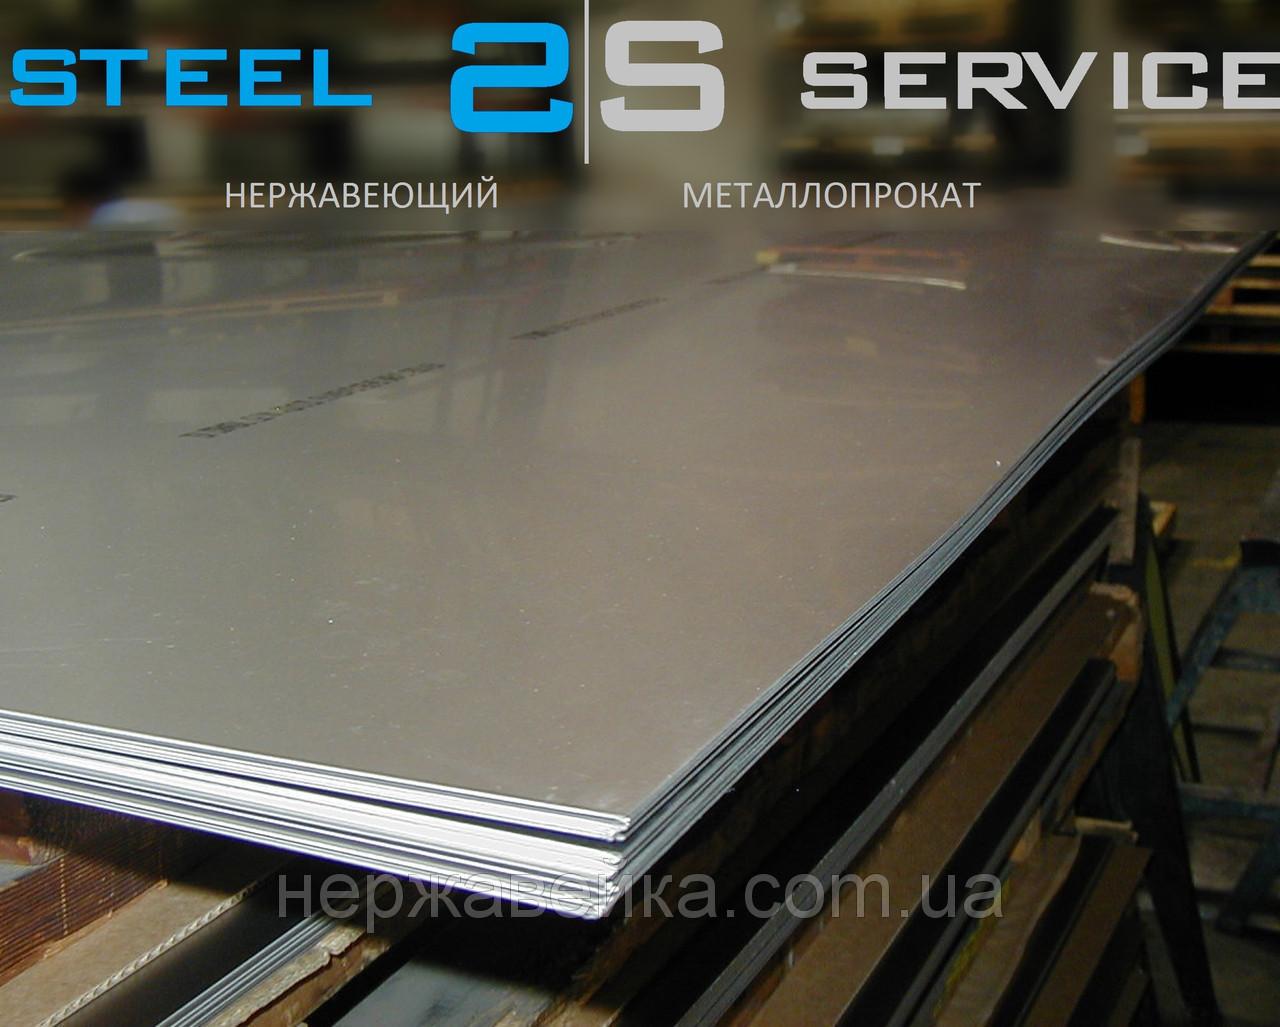 Нержавеющий лист 0,5х1250х2500мм  AISI 304(08Х18Н10) BA - зеркало,  пищевой